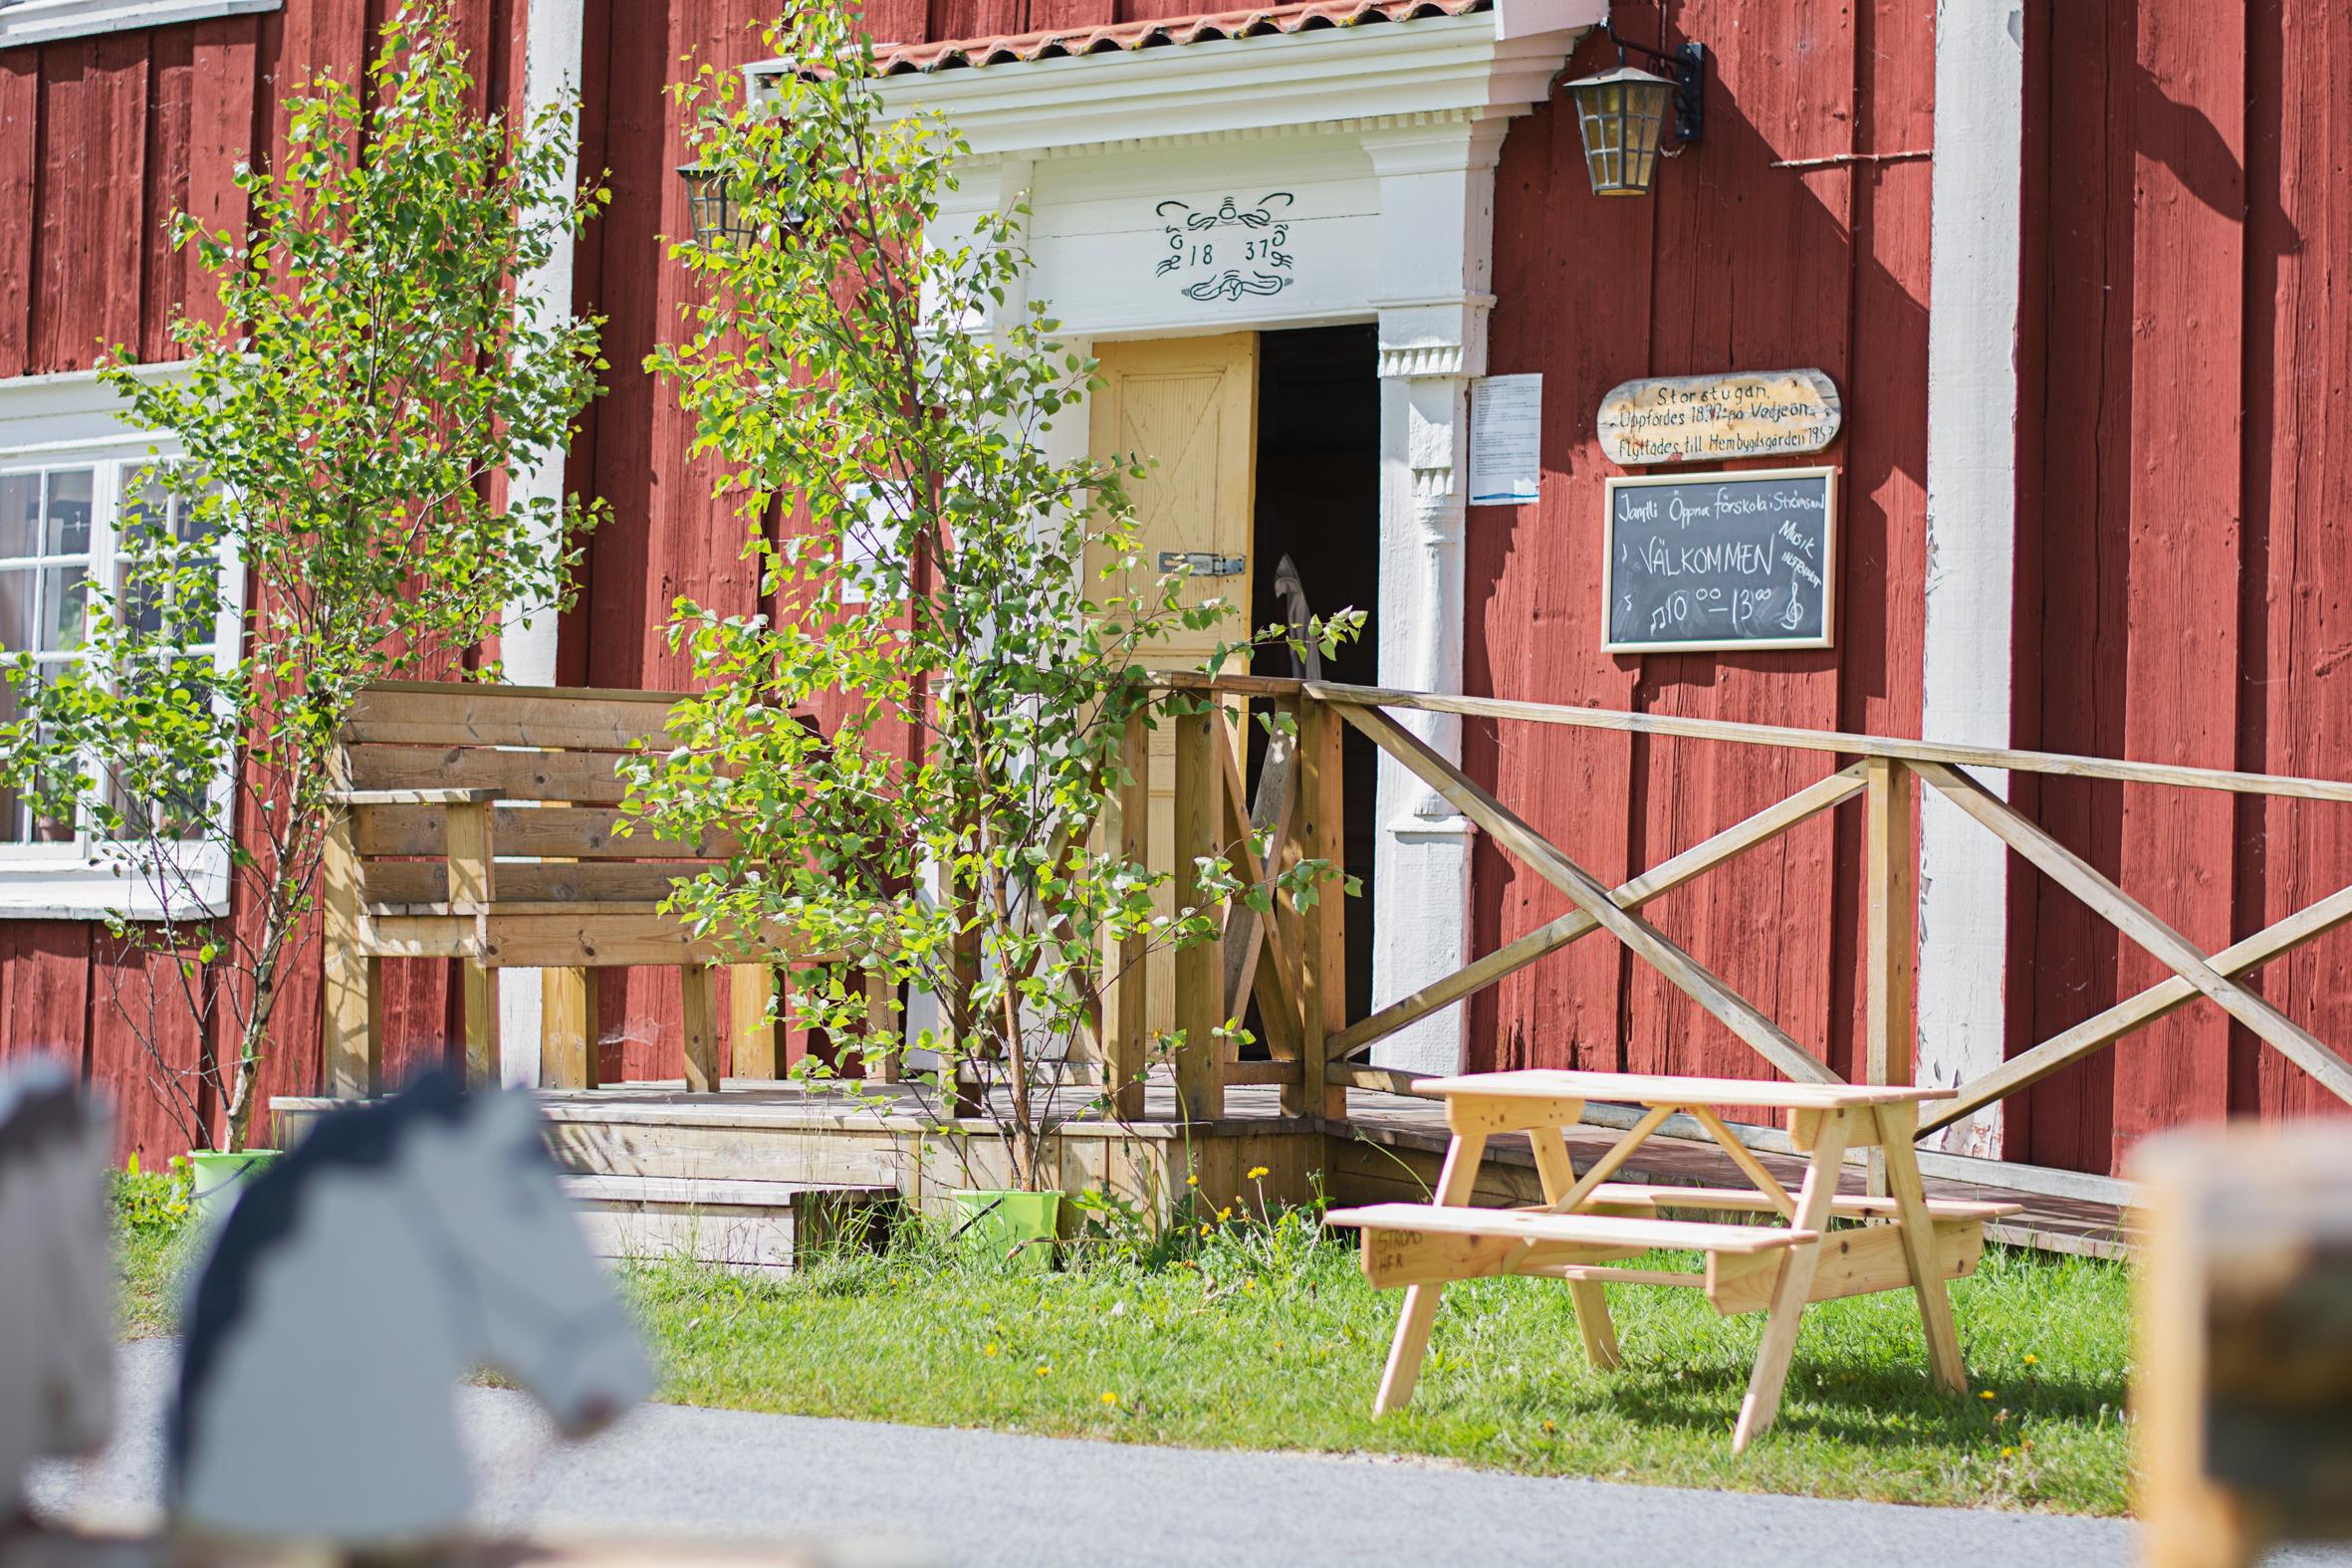 Jamtli öppna förskola håller till i Storstugan på Ströms hembygdsgård. Foto: Pernilla Gunnarsdotter Persson